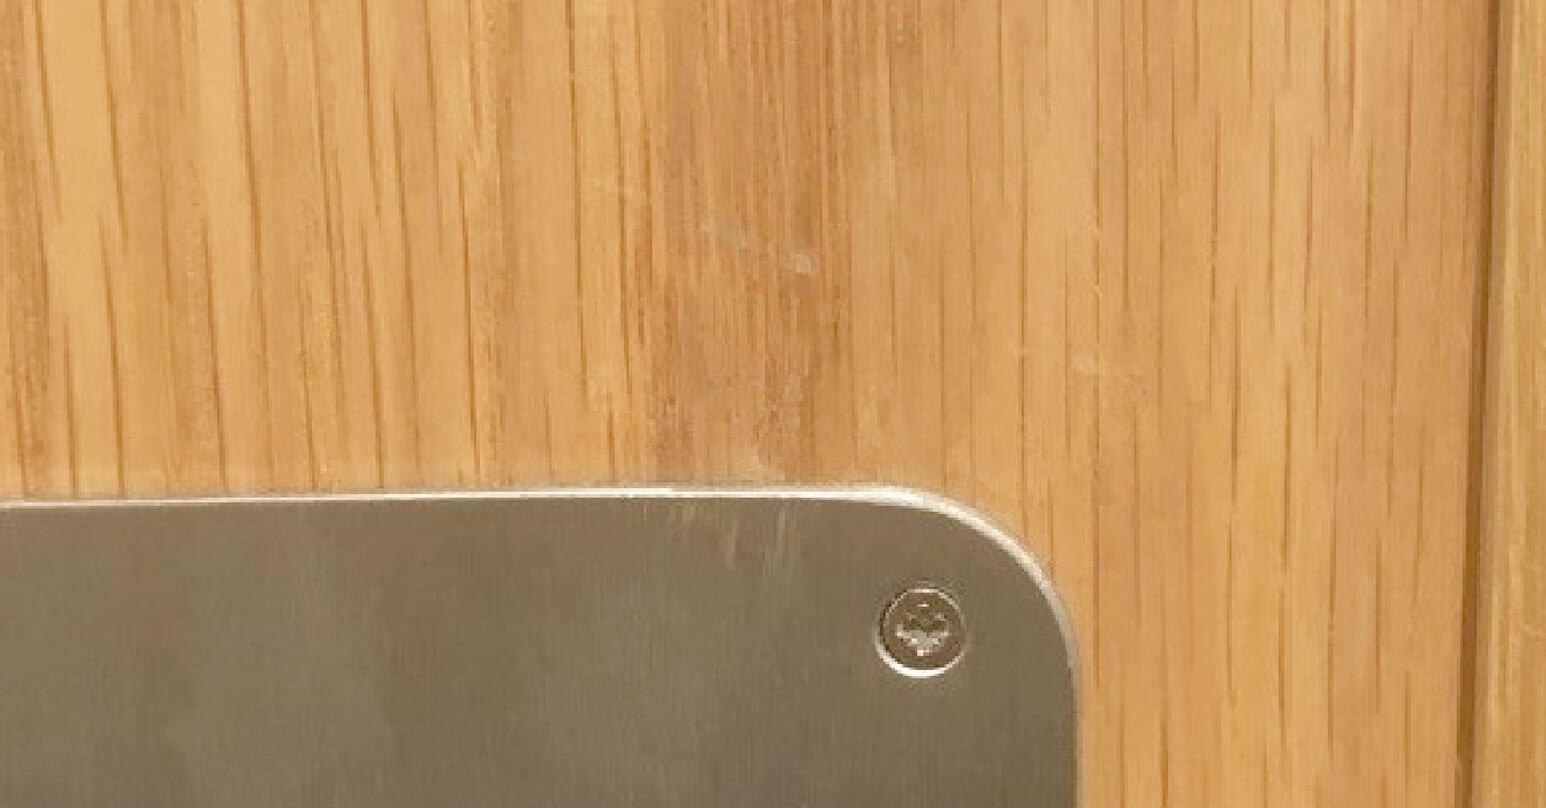 Repair to scratched door